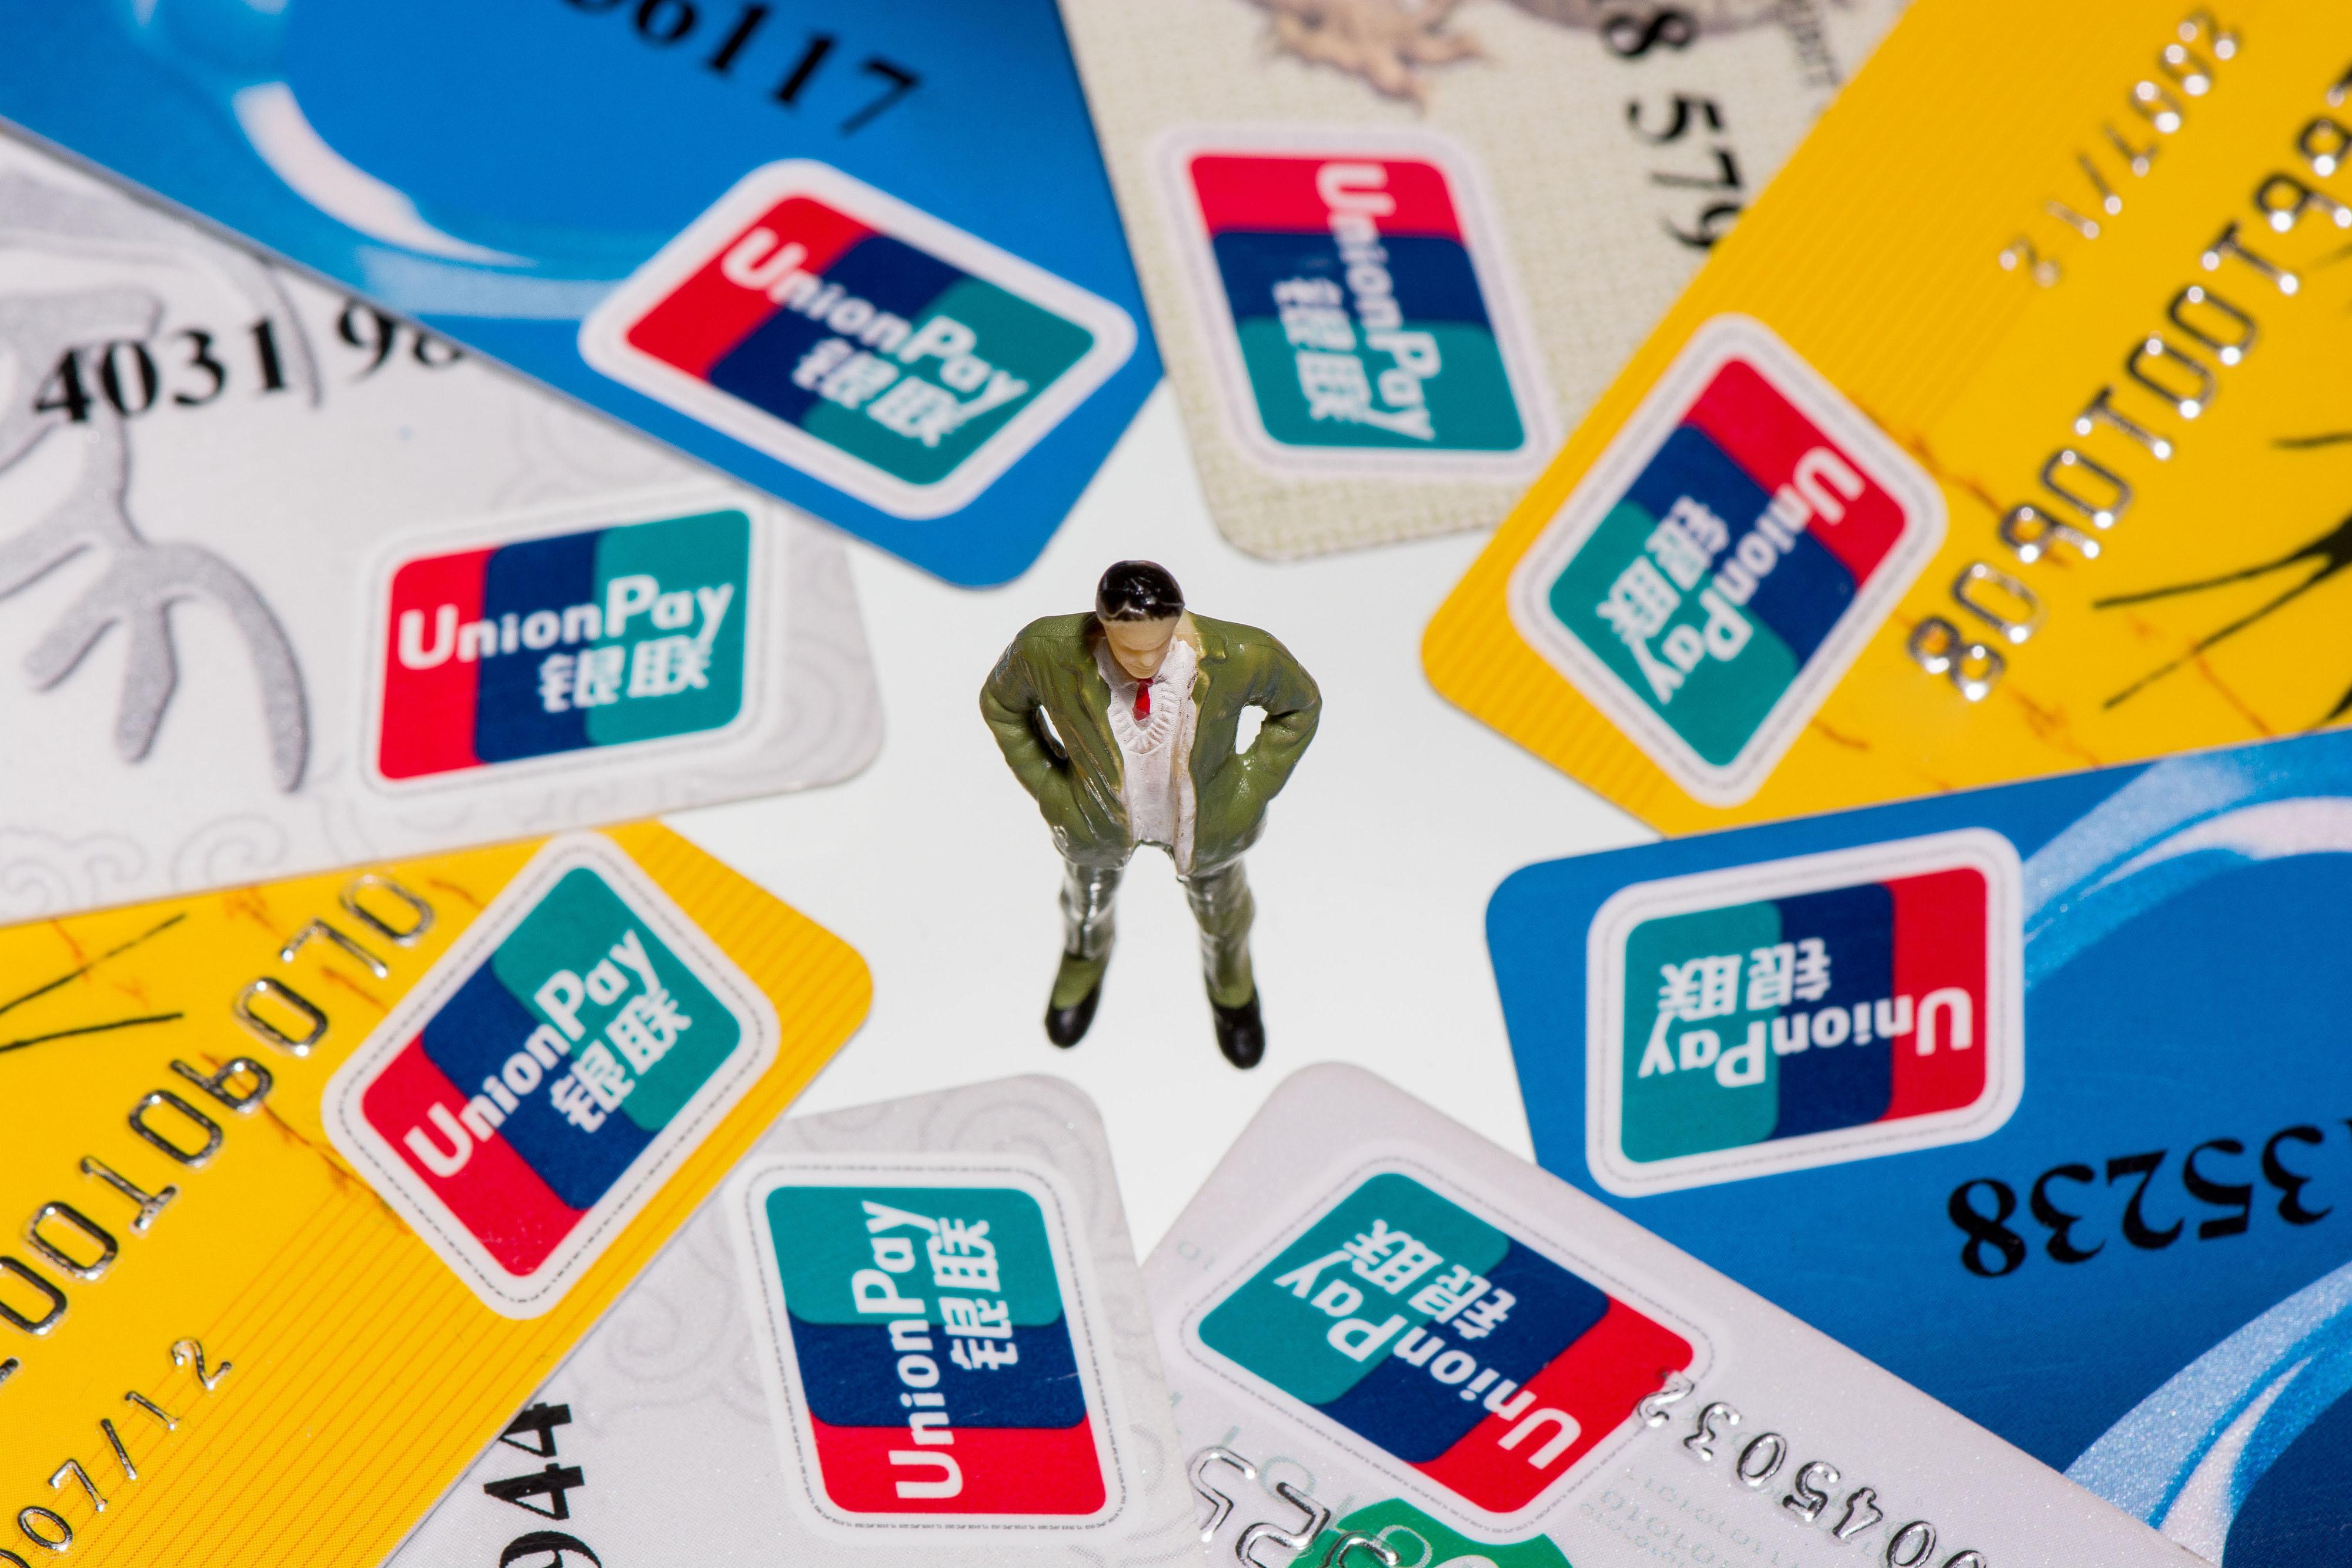 """『上海曼浩投資有限公司』這4種信用卡,可能會讓你""""負債累累""""!"""